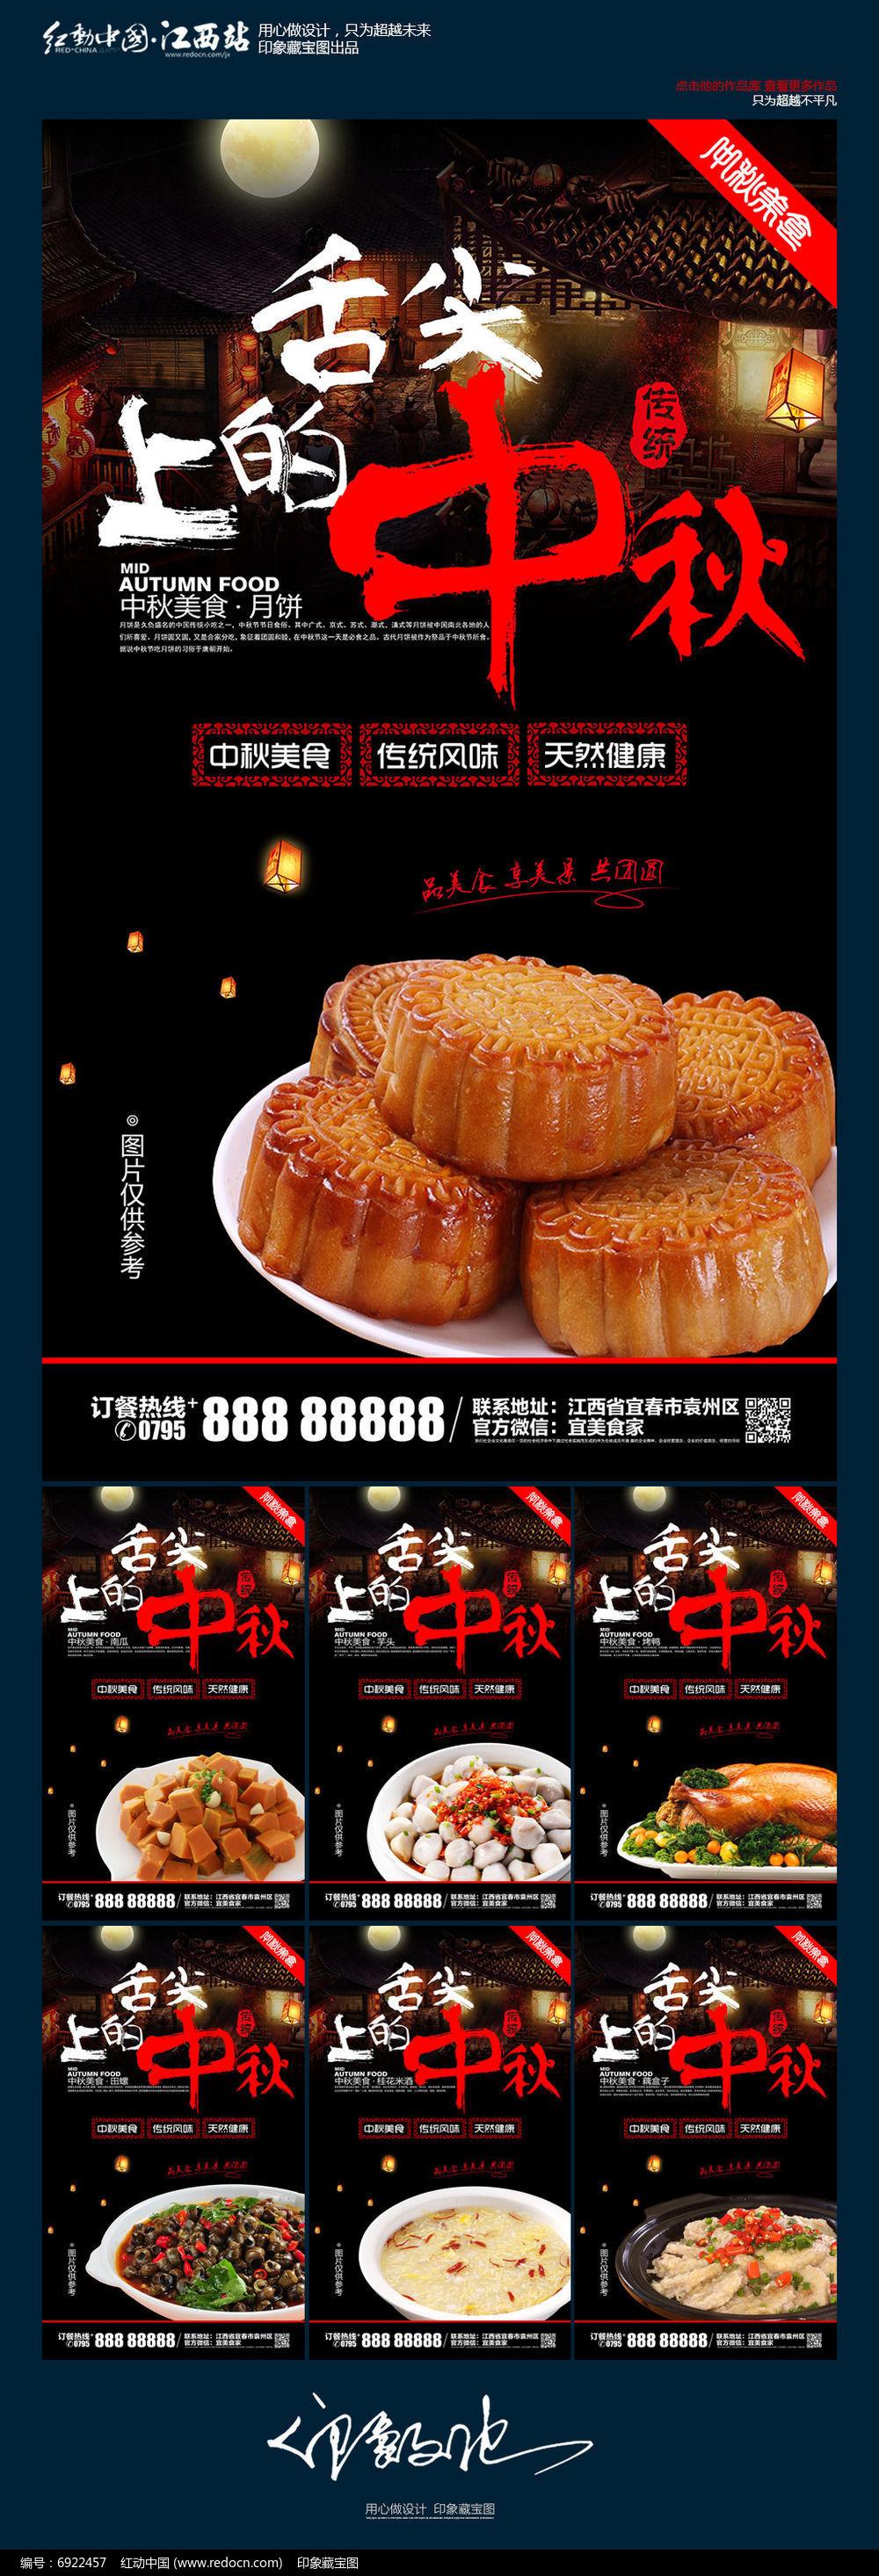 整套舌尖上的中秋中秋节美食海报设计图片